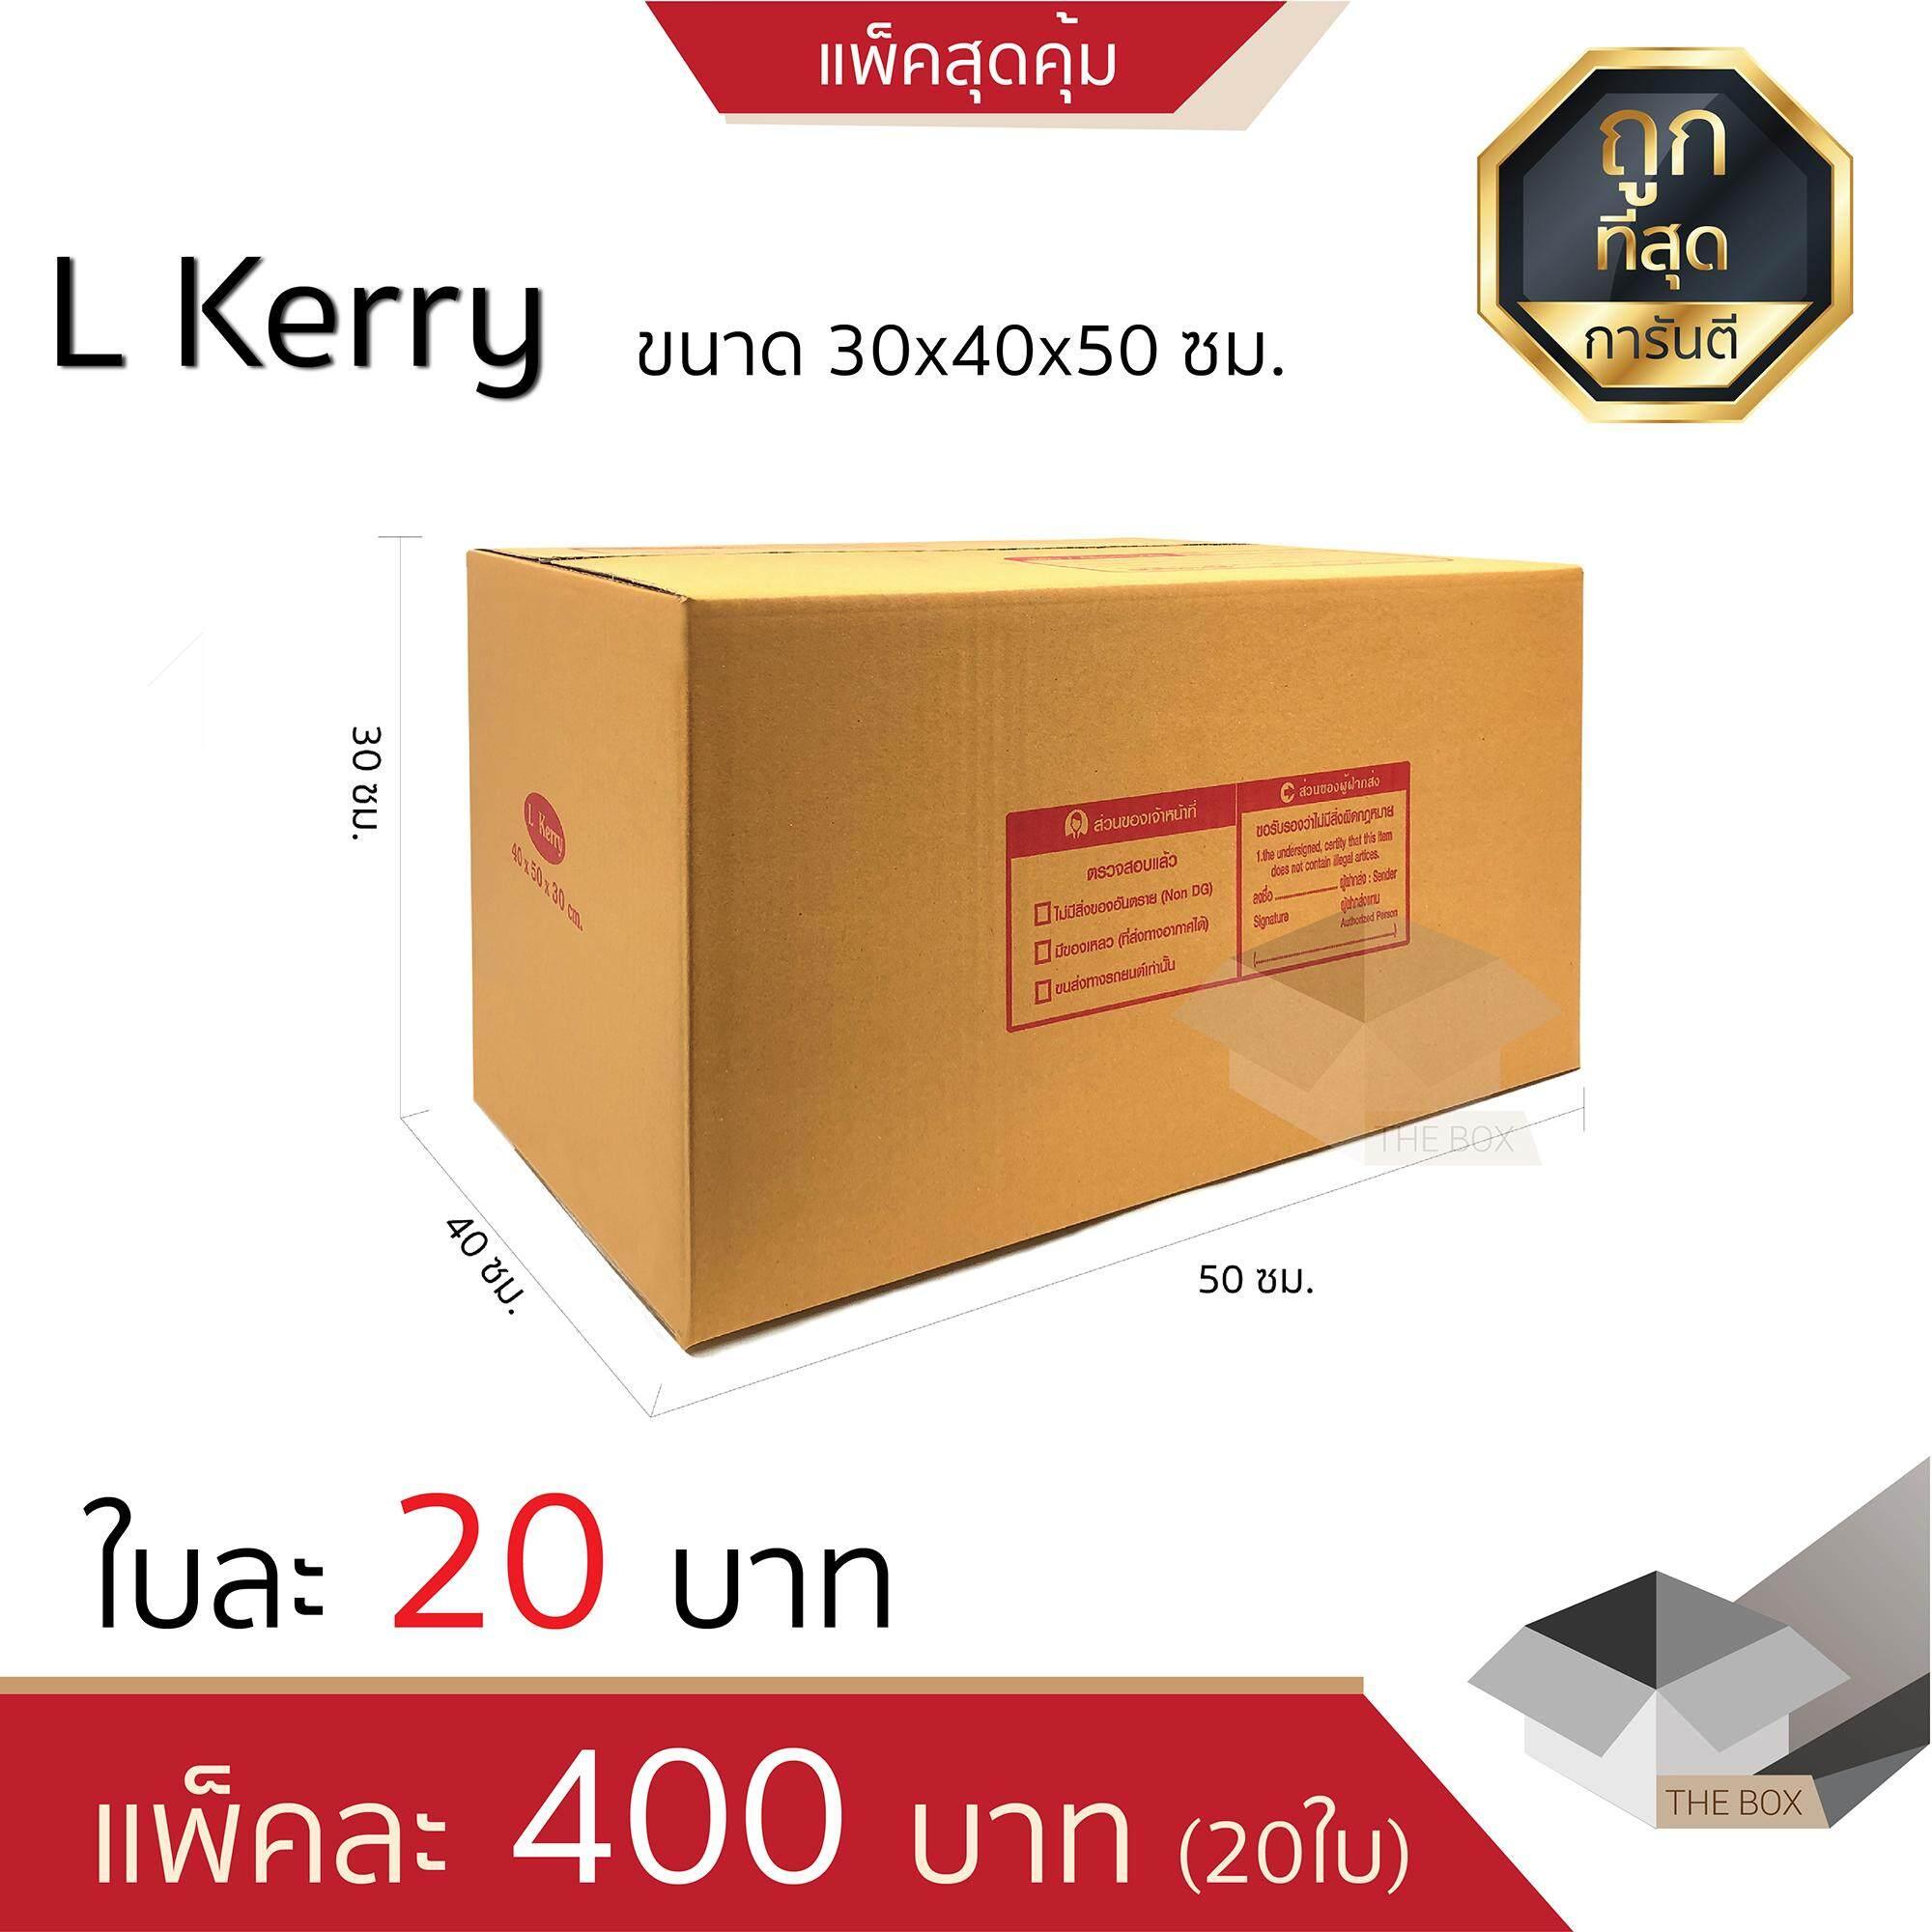 สุดยอดสินค้า!! THE BOX กล่อง ไปรษณีย์ เบอร์ L Kerry ขนาด 30 x 40 x 50 cm. เกรดพรีเมี่ยม